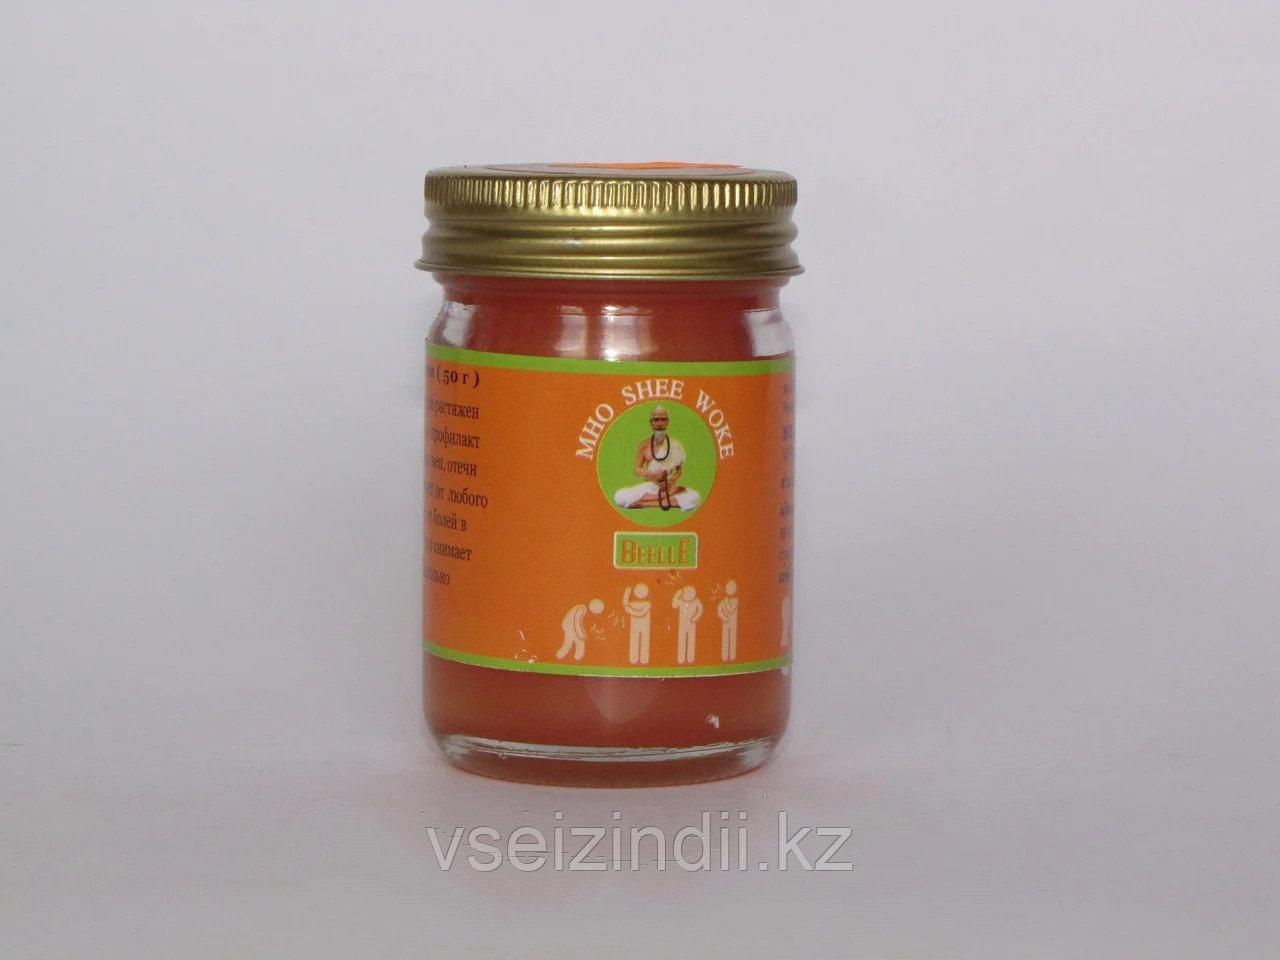 Оранжевый тайский бальзам Mho Shee Woke с разогревающим эффектом / Тайланд / 50 гр.